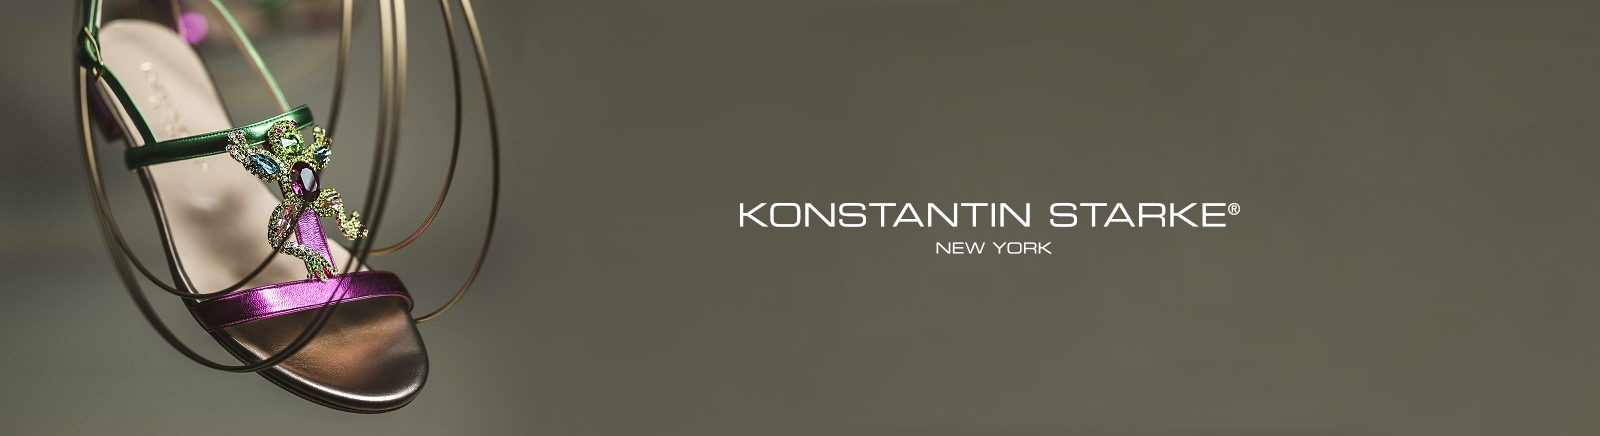 Juppen: Konstantin Starke Damenschuhe online shoppen